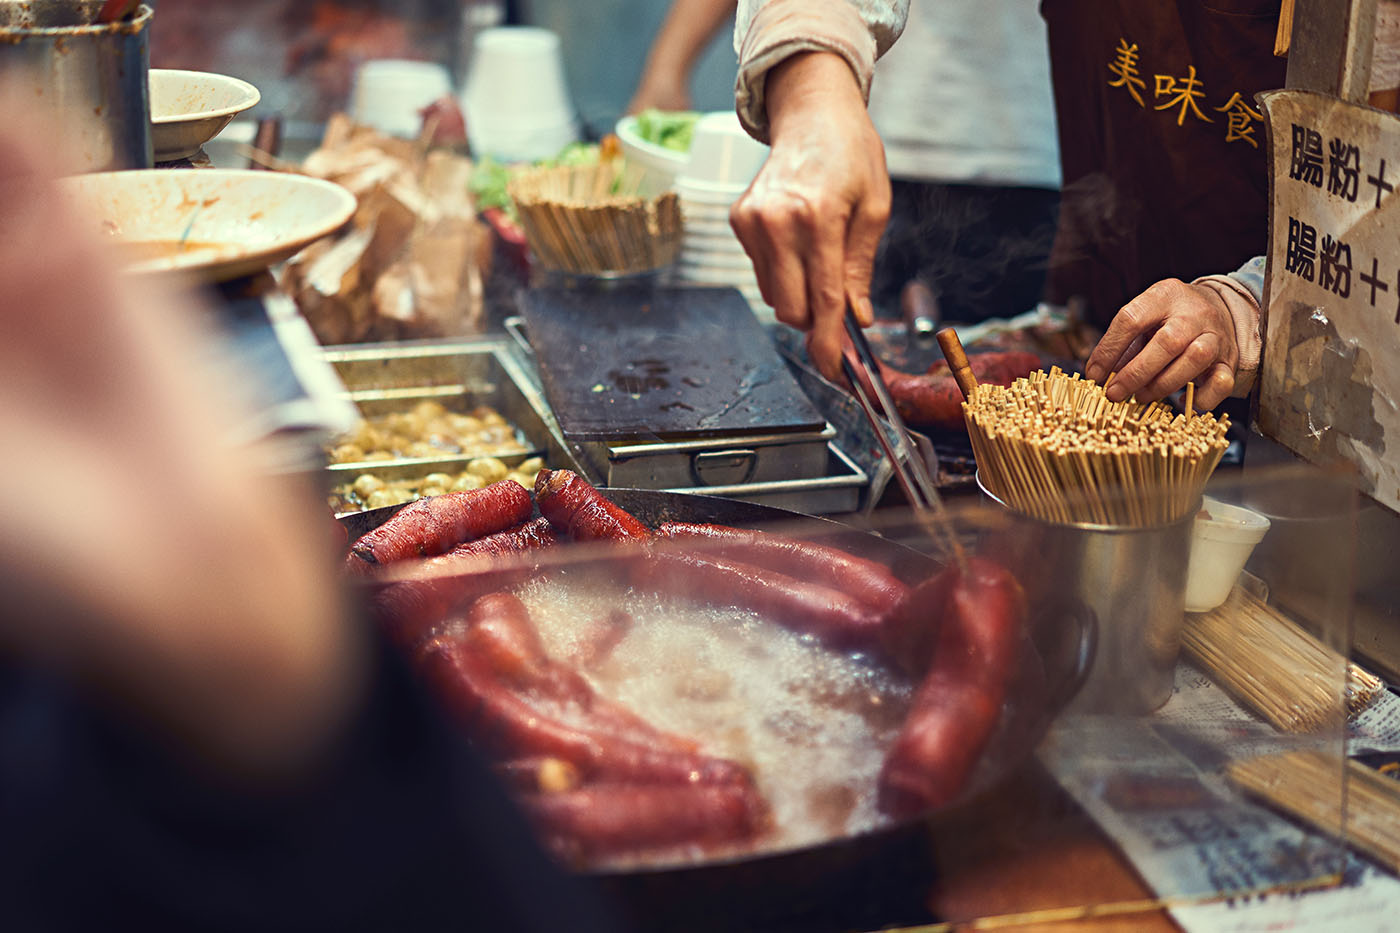 Hongkong_2017_RAW_02 2_klein.jpg